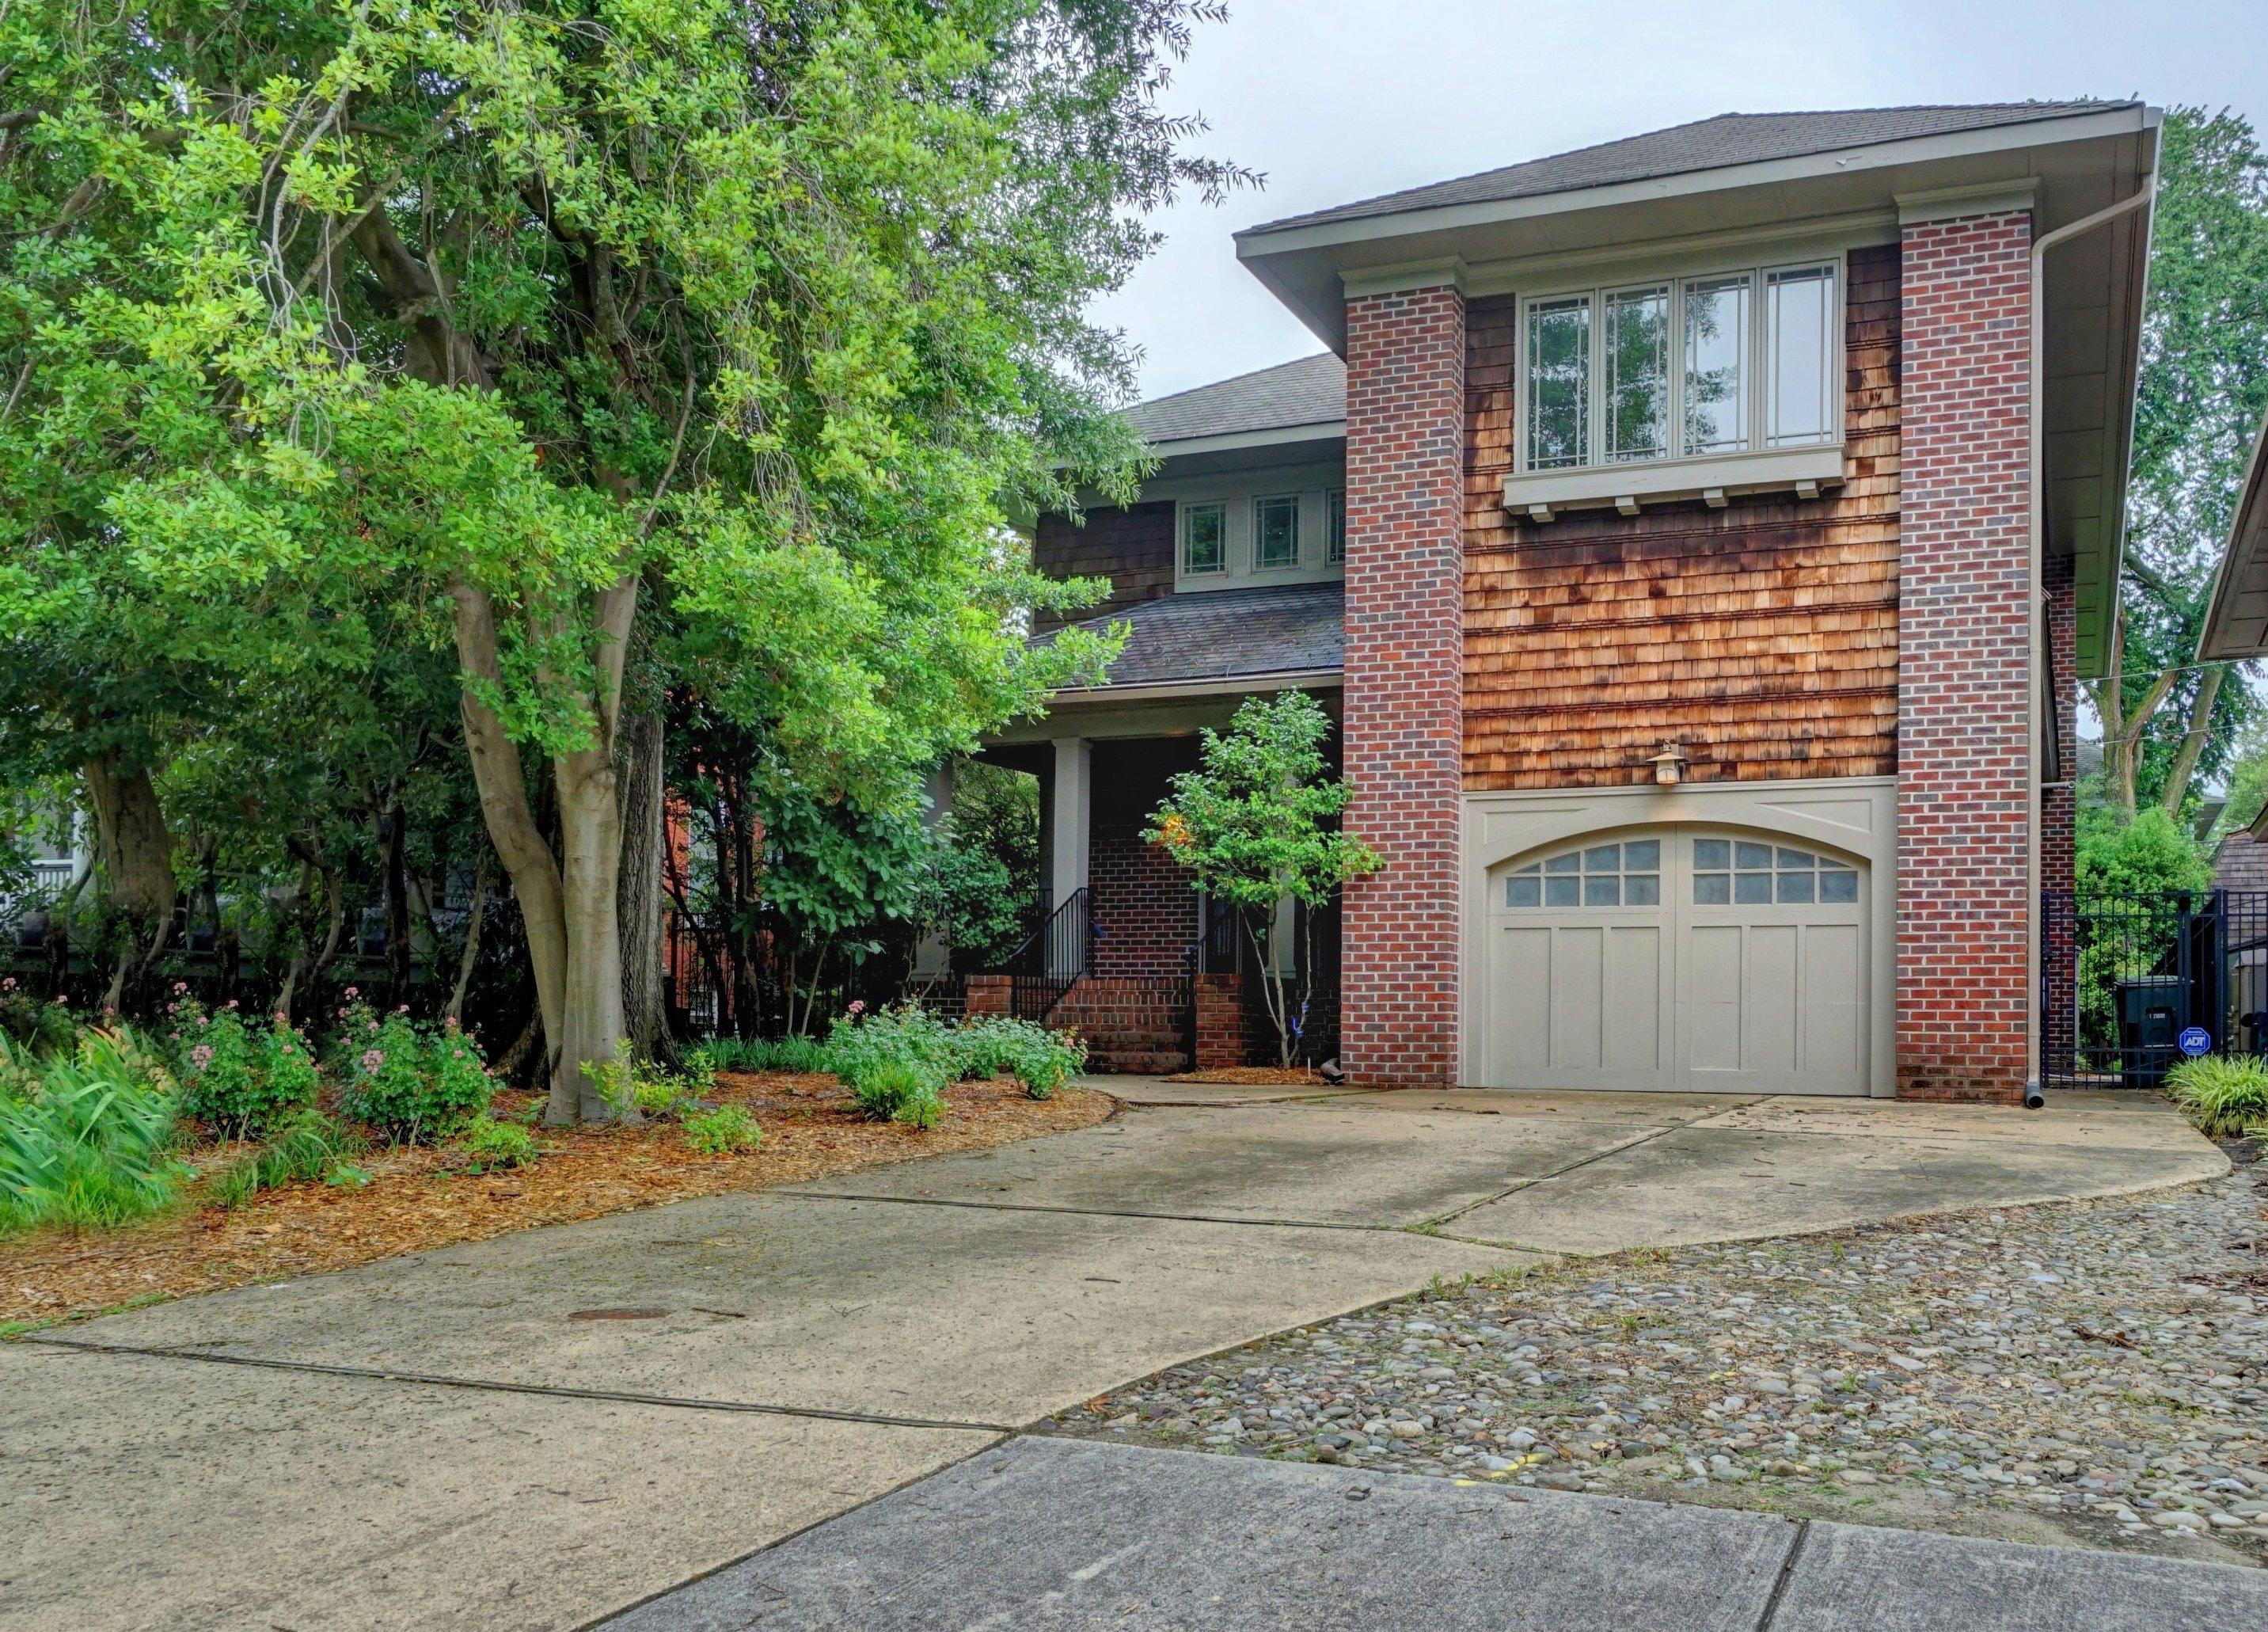 936 Westover Avenue: $650,000